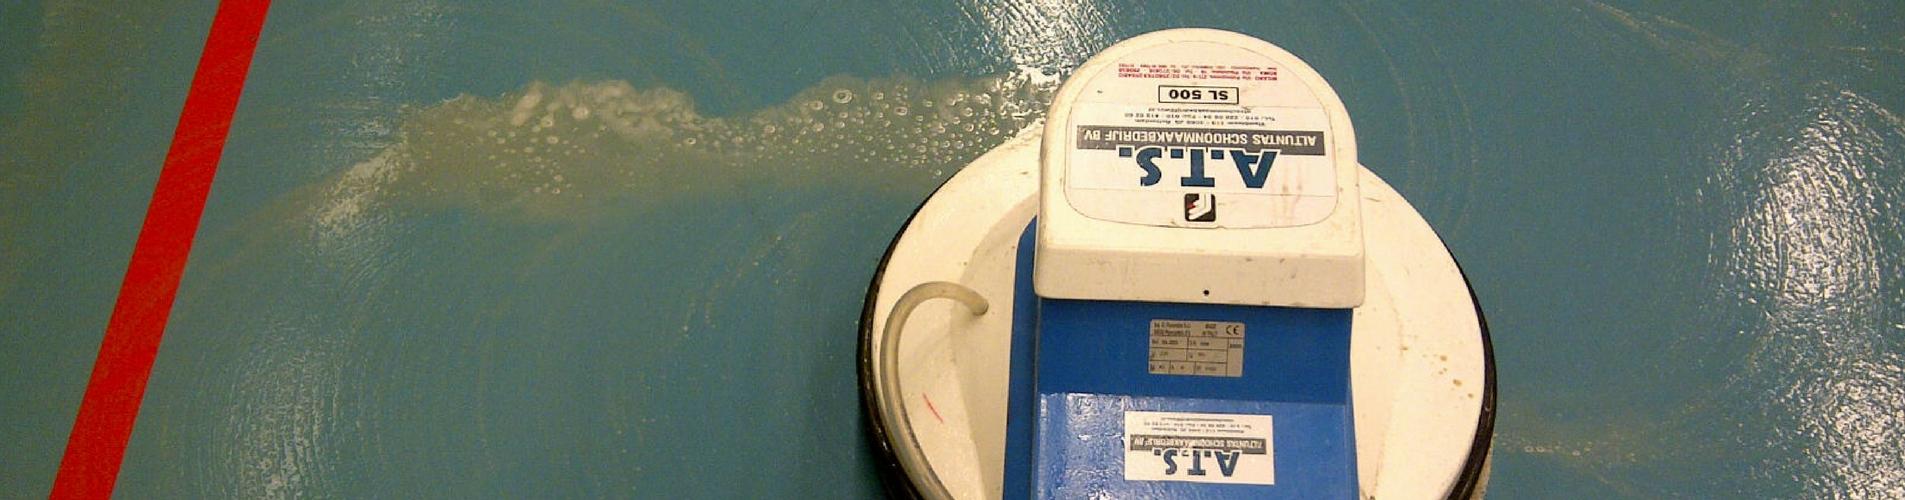 sportvloer-reiniging-ATS-schoonmaak